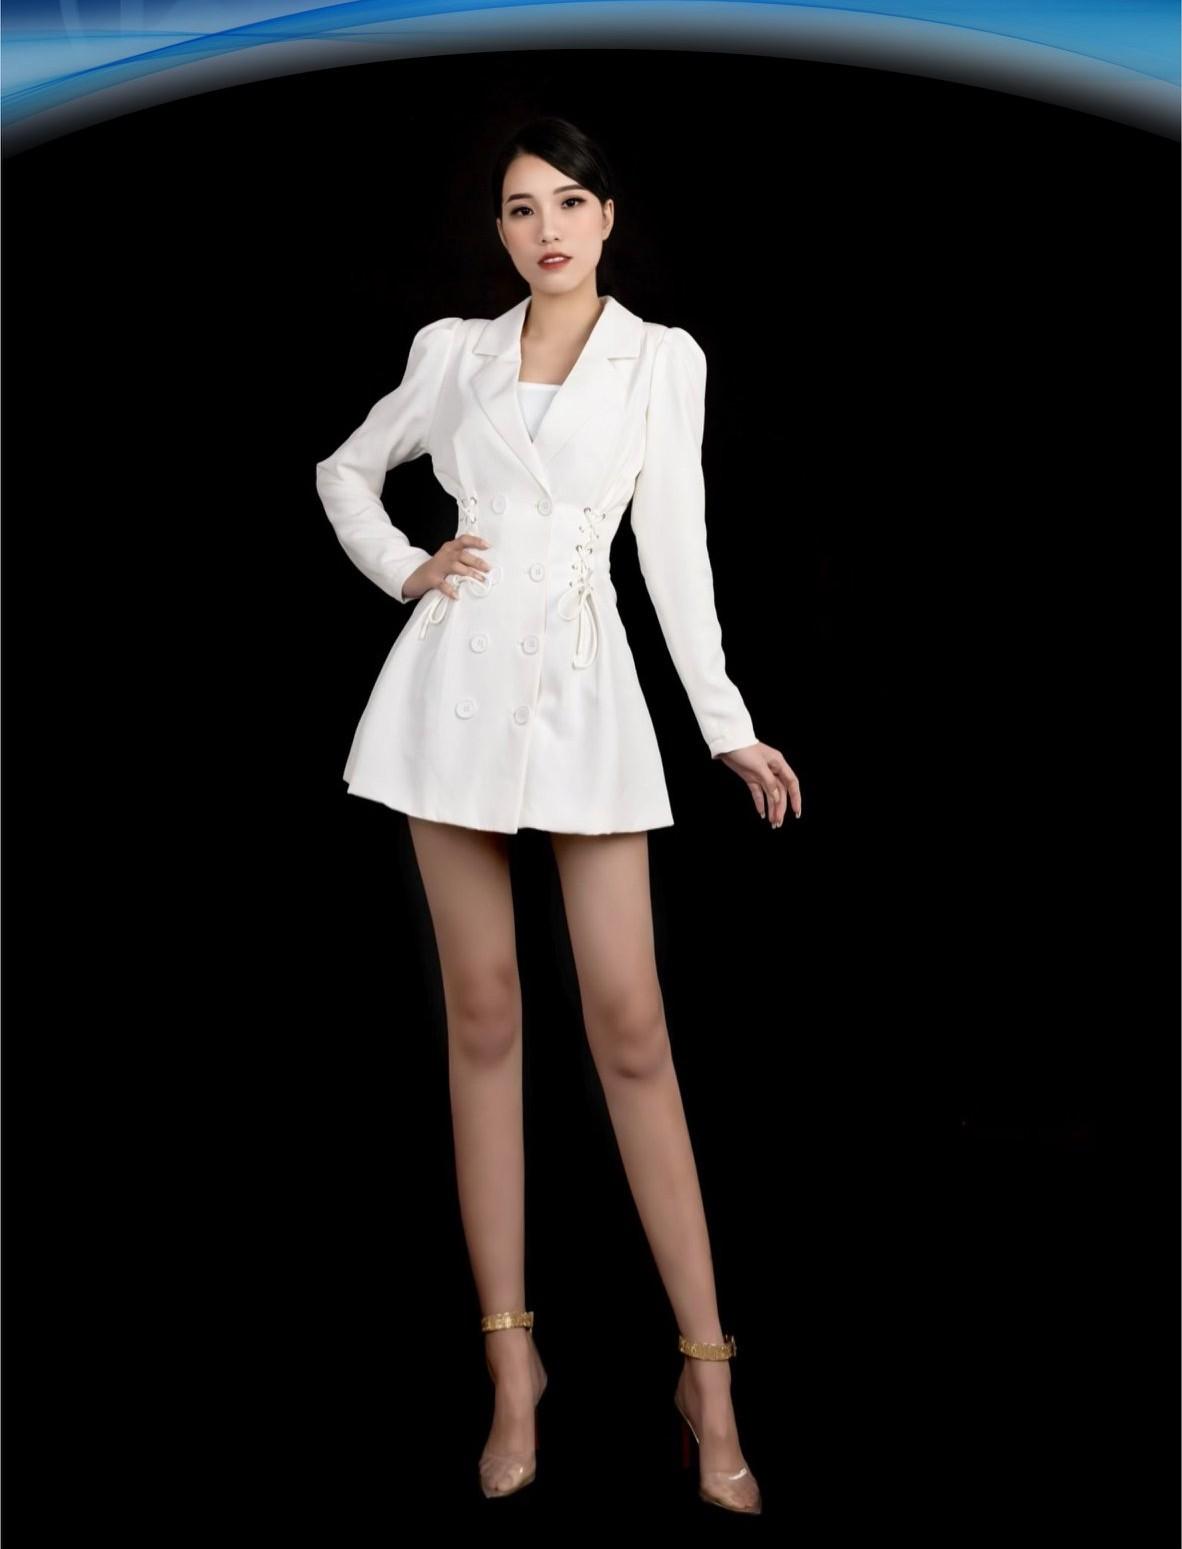 Nữ sinh miền gái đẹp Cần Thơ gây chú ý vì quá xinh tại Hoa hậu Thế giới Việt Nam - hình ảnh 7